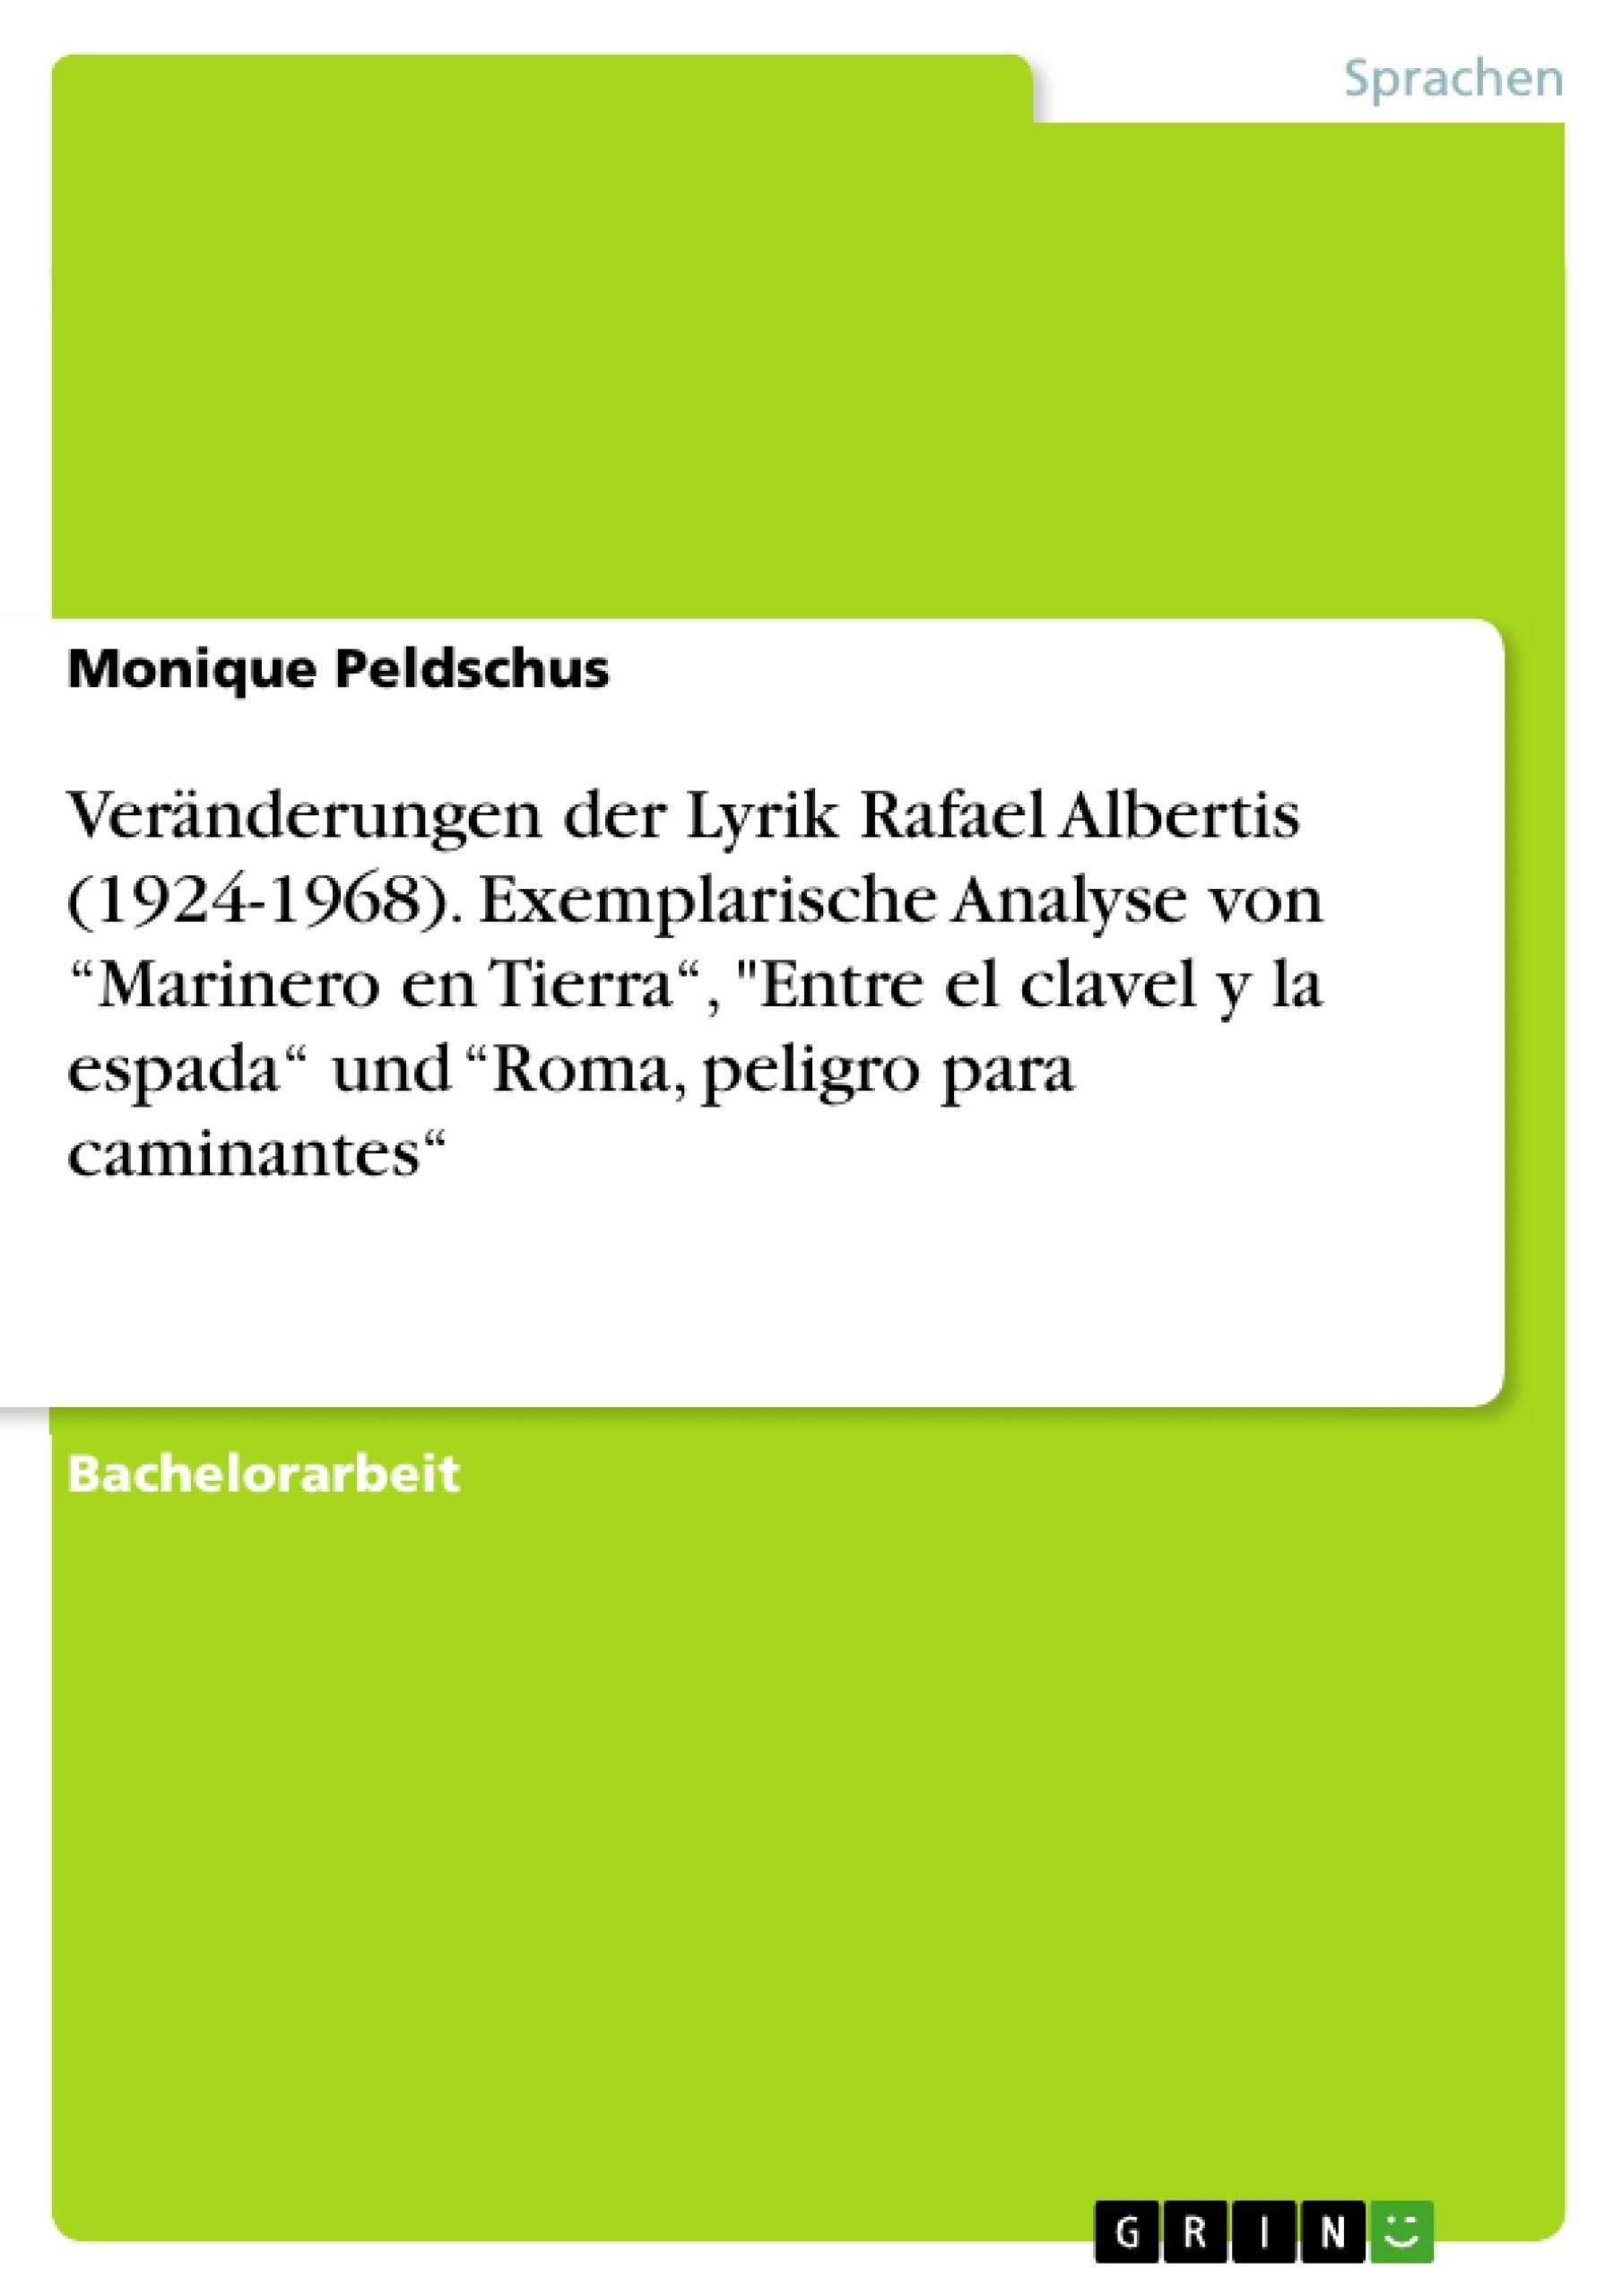 """Titel: Veränderungen der Lyrik Rafael Albertis (1924-1968). Exemplarische Analyse von """"Marinero en Tierra"""", """"Entre el clavel y la espada"""" und """"Roma, peligro para caminantes"""""""